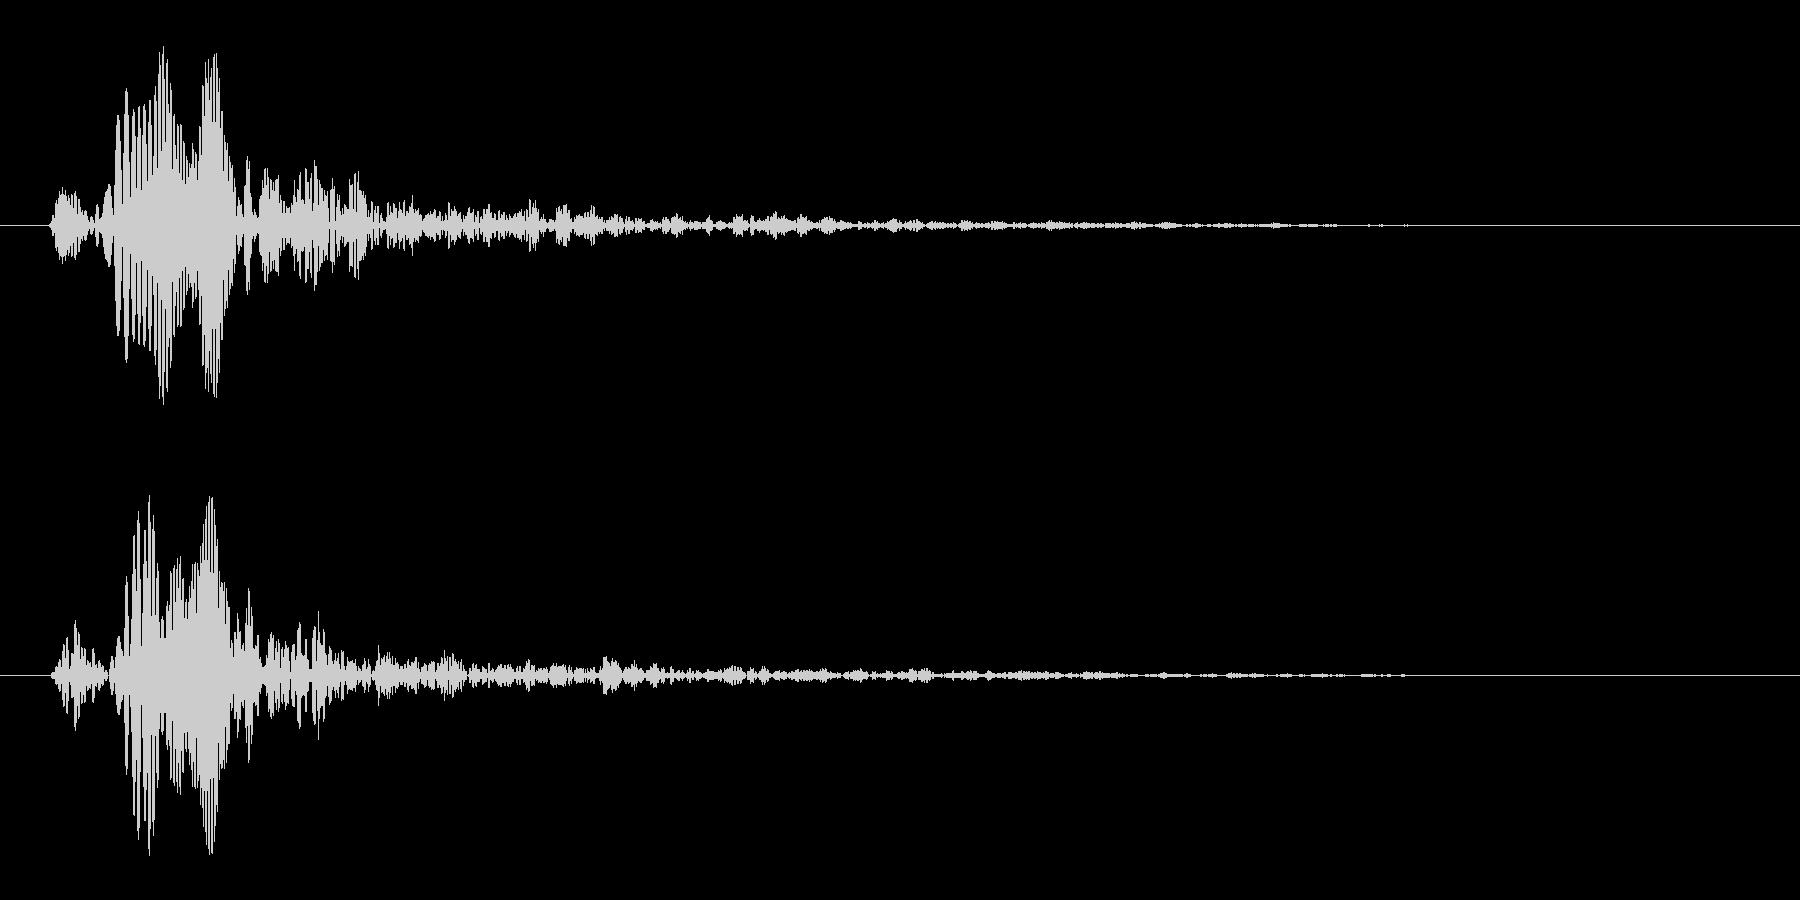 短い滴るような音(ピュッ)の未再生の波形